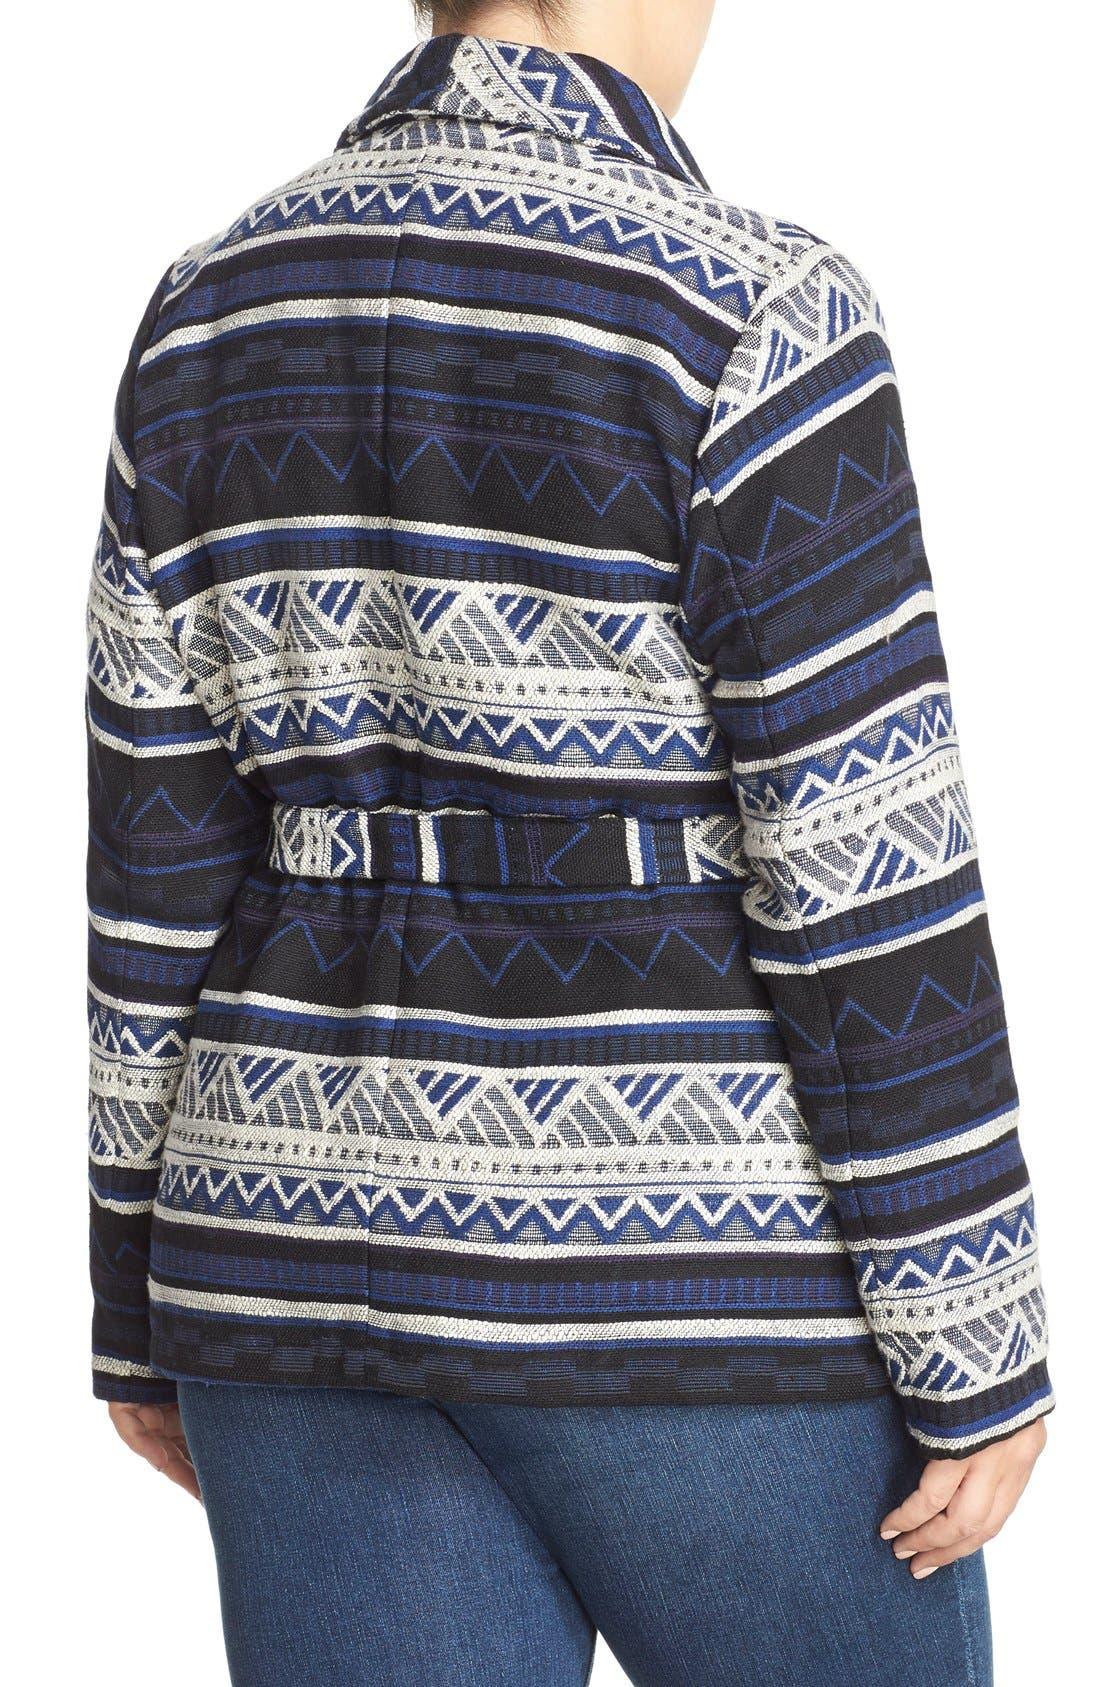 BB DAKOTA, 'Huntington' Jacquard Wrap Coat, Alternate thumbnail 4, color, 480